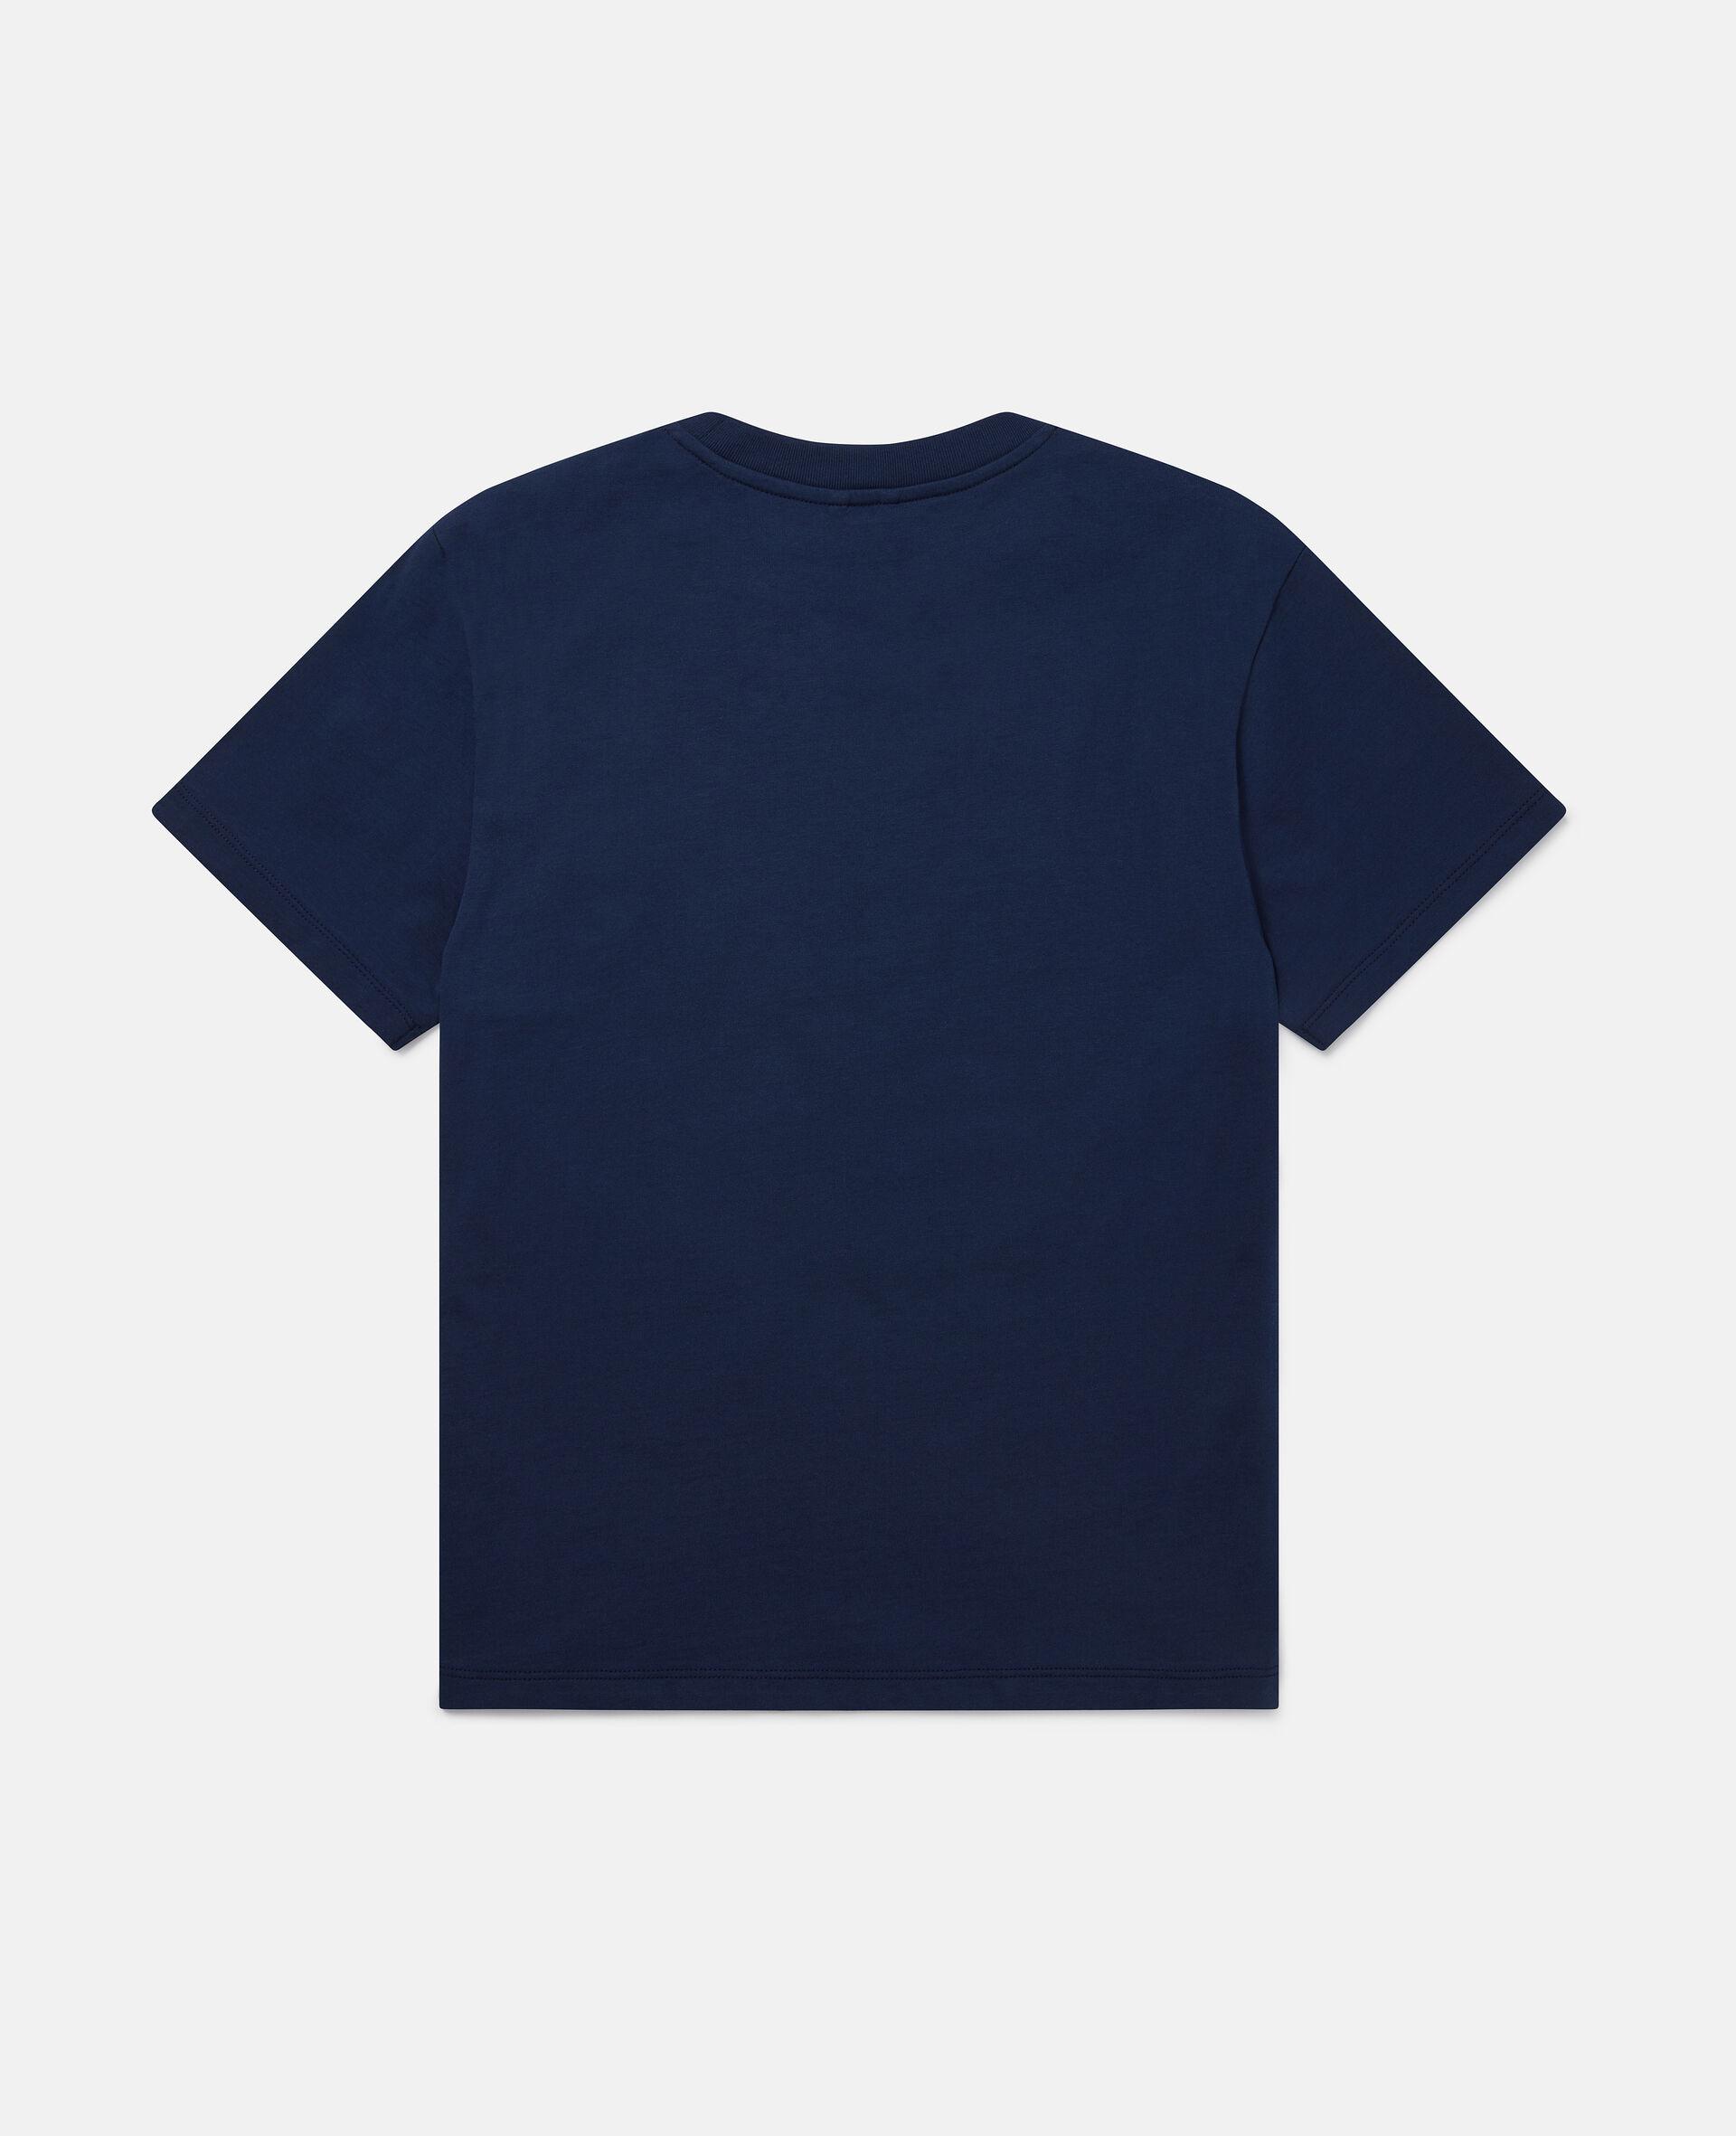 Übergroßes T-Shirt mit Pizza-Skater-Motiv-Blau-large image number 3